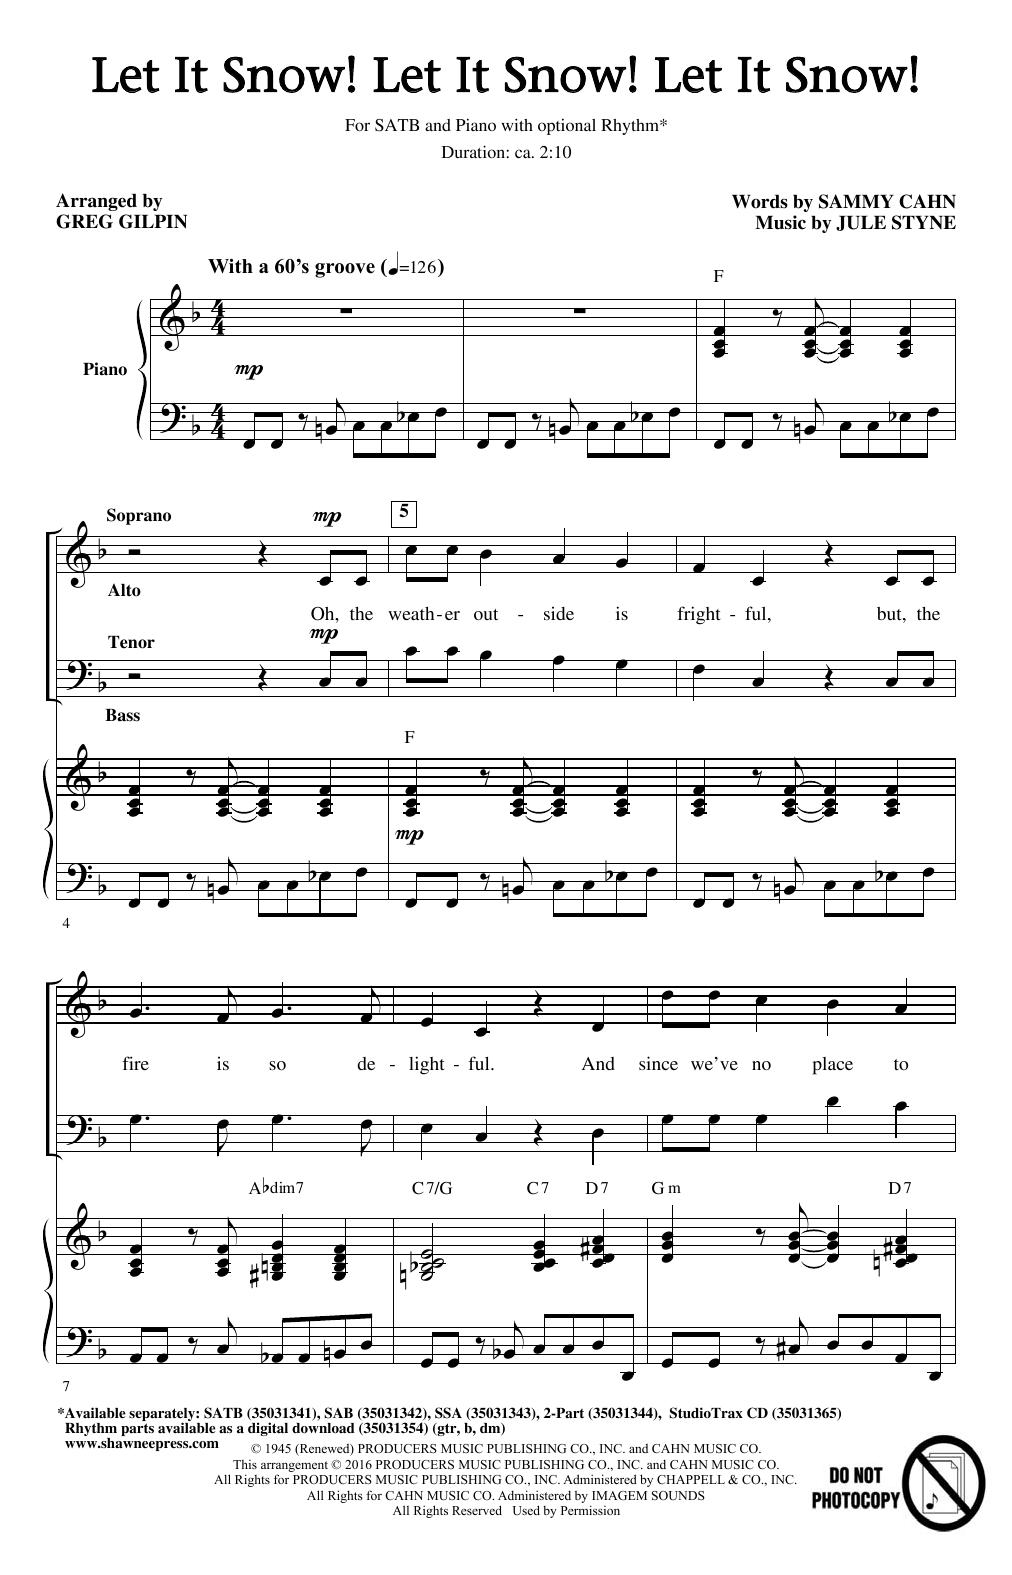 Partition chorale Let It Snow! Let It Snow! Let It Snow! de Greg Gilpin - SATB